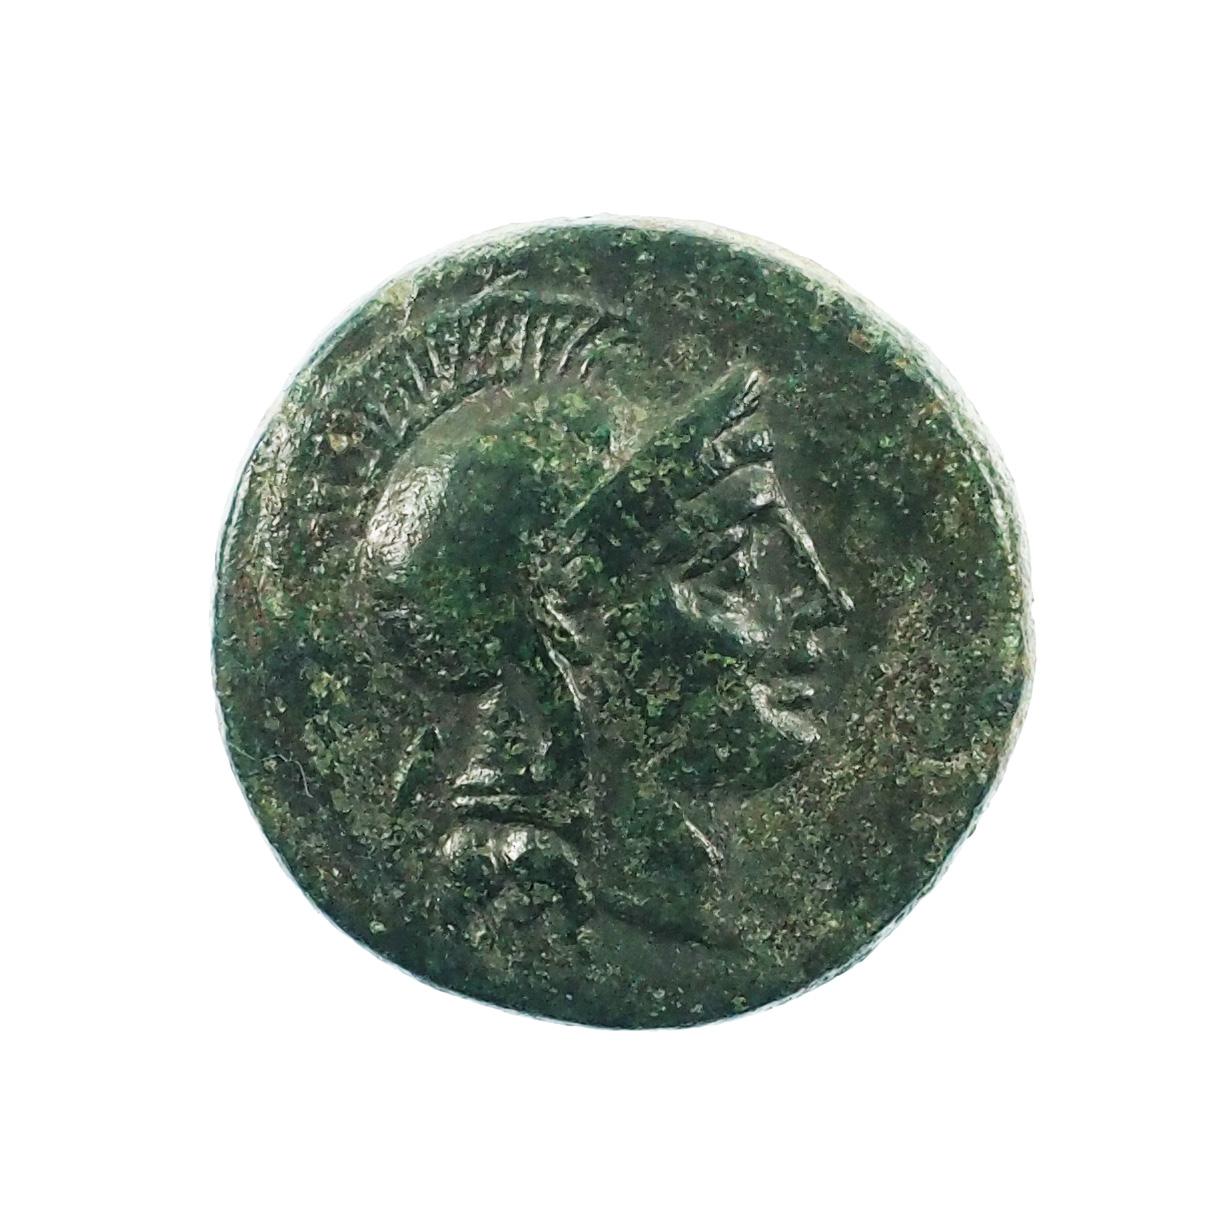 Ionie, Magnesia ad Maeandrum, Magistrat Eukles Kratinos, 190 avt JC, TTB, BMC 44